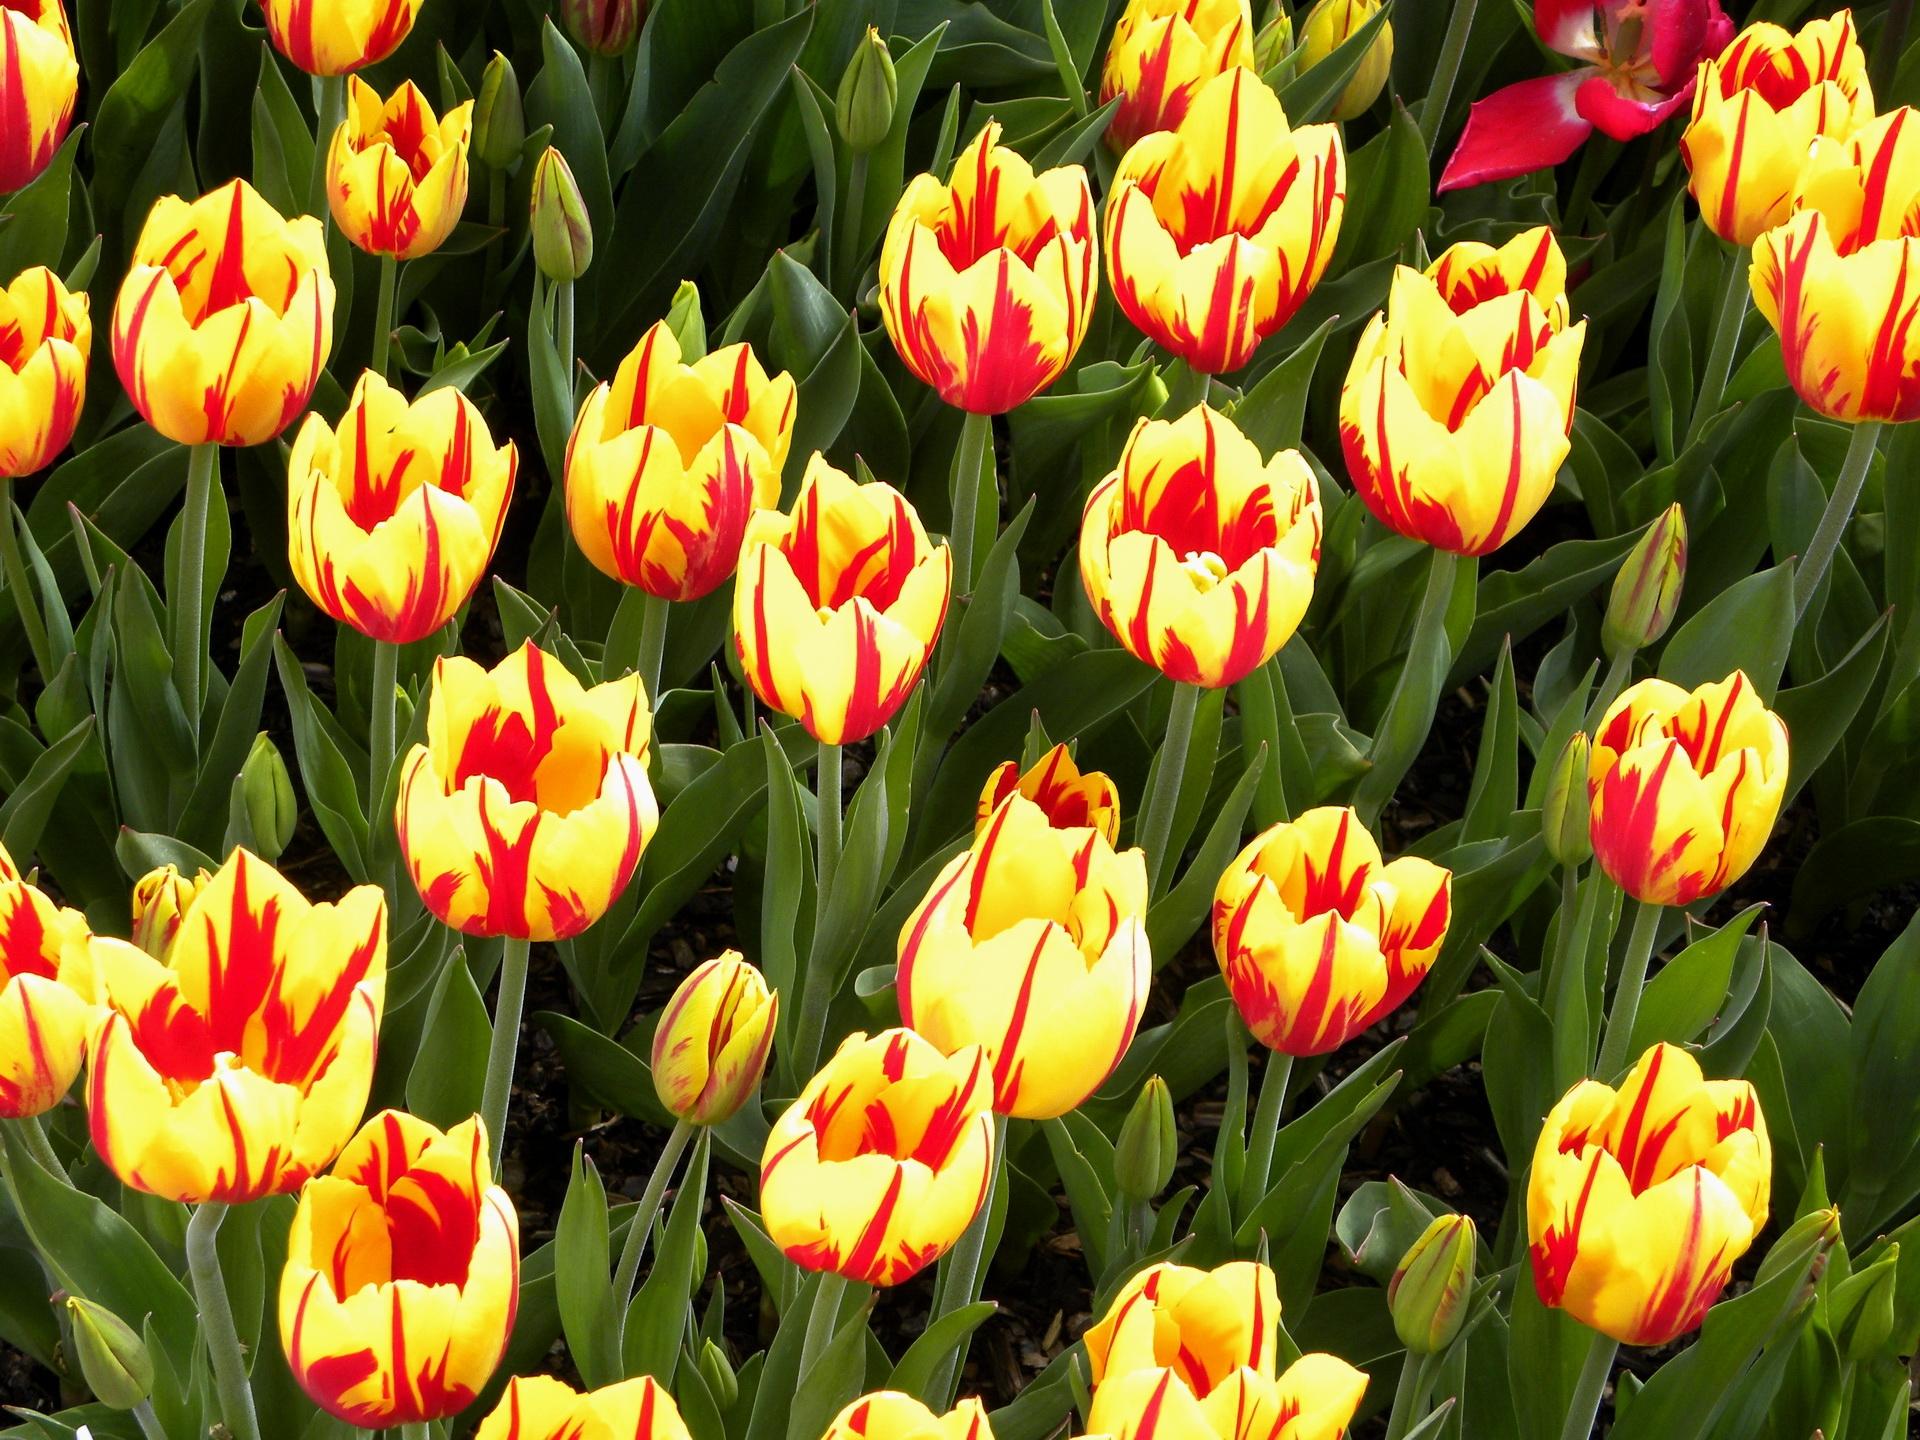 лысеющих смотреть картинки с тюльпанами тату приносят мужчинам